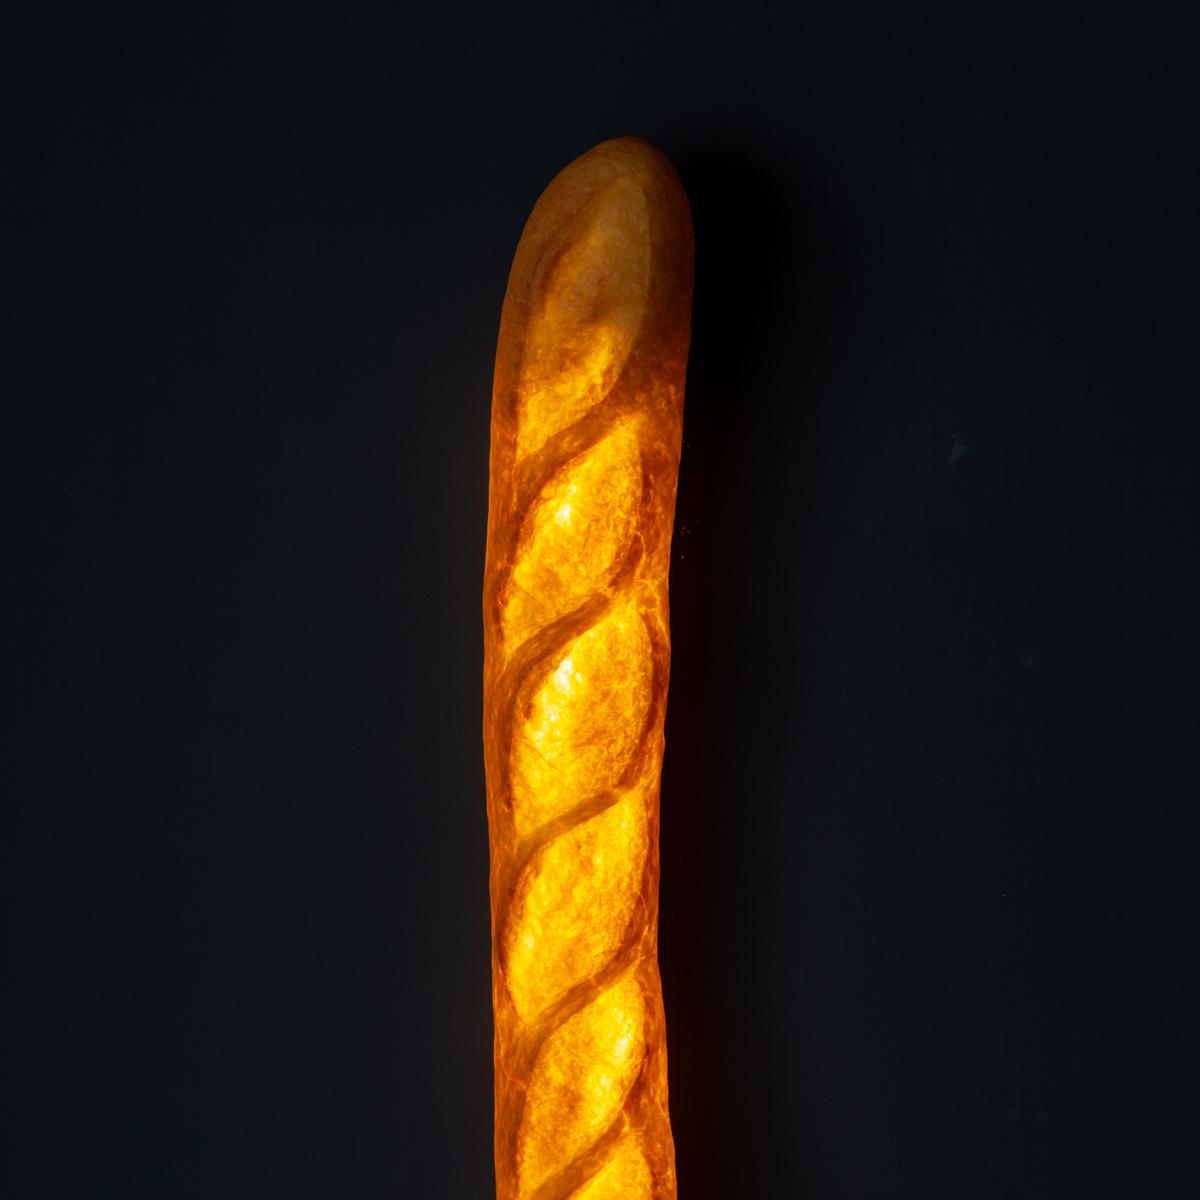 本物のパンを使ったおしゃれでユニークなデザイン。あたたかな光の置くだけで明かりのオンオフができる「ライト・ランプ・間接照明」|モリタ製パン所「パンプシェード」